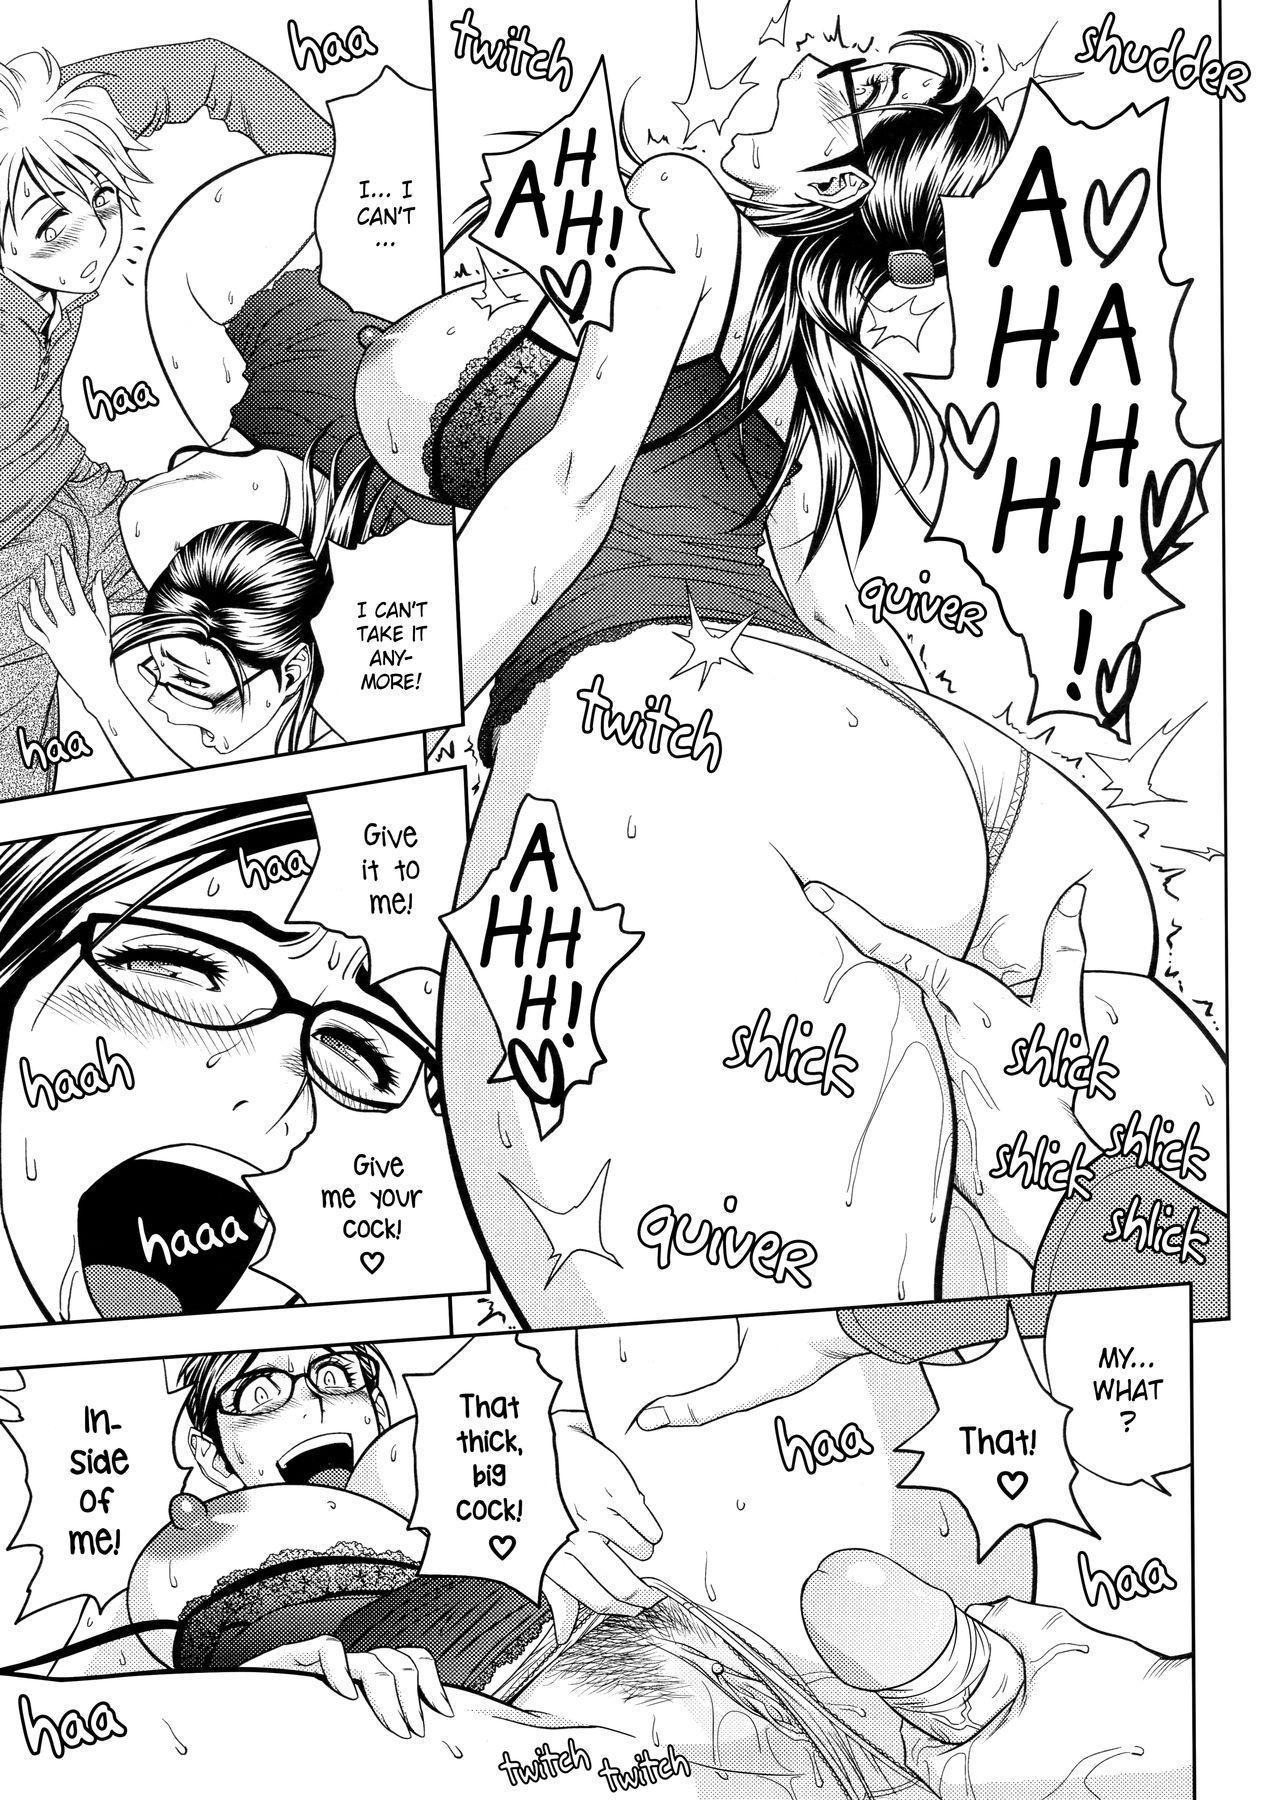 [Tatsunami Youtoku, Yamasaki Masato] Bijin Henshuu-chou no Himitsu | Beautiful Editor-in-Chief's Secret Ch. 1-8 [English] [Forbiddenfetish77, Red Vodka, Crystalium, CEDR777] [Decensored] 78